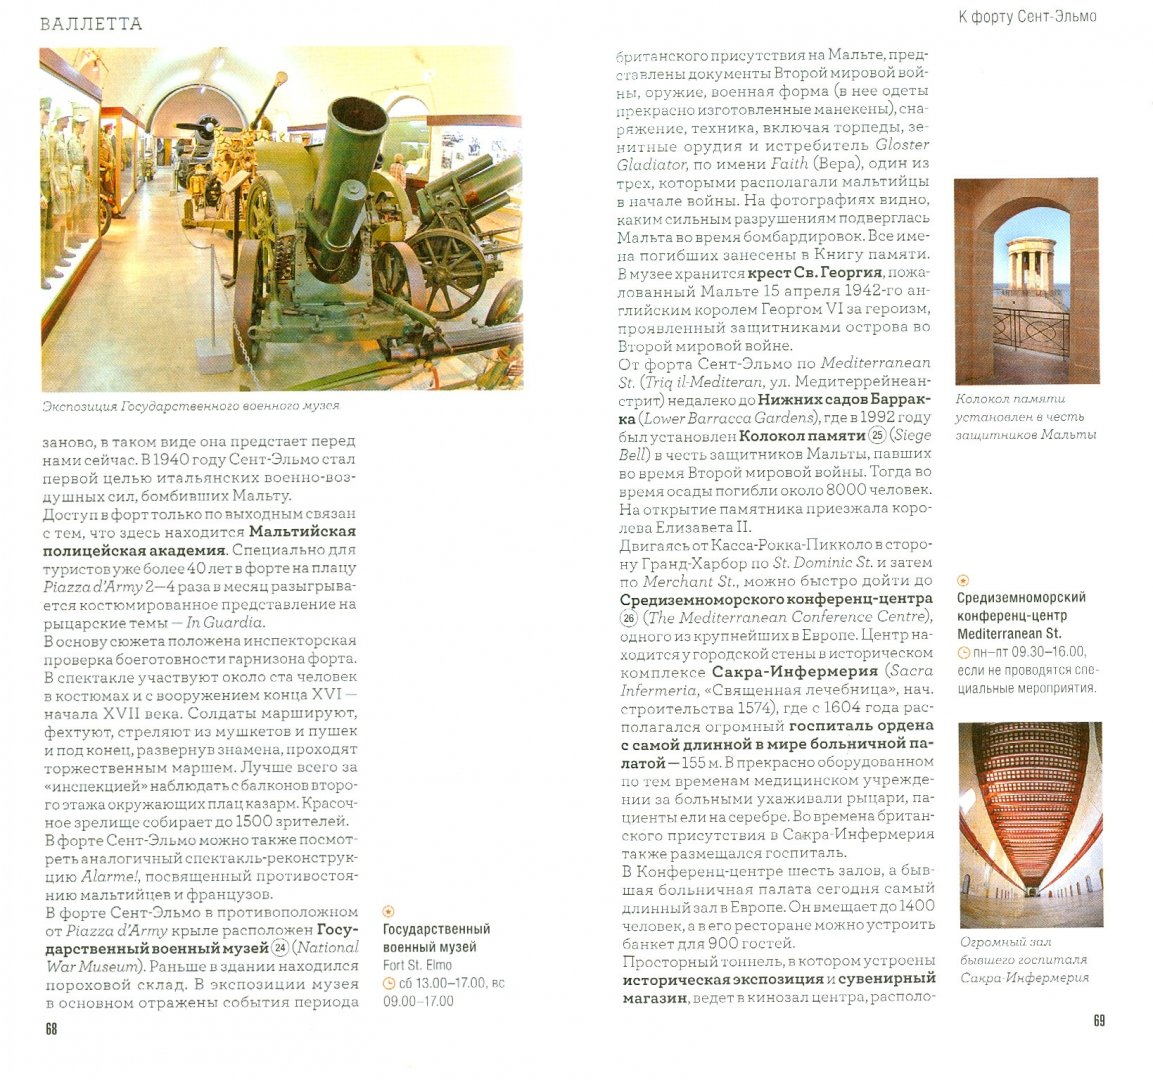 Иллюстрация 2 из 9 для Мальта. Издание 4 - Ларионова, Макарычева, Солодовникова, Боднар | Лабиринт - книги. Источник: Лабиринт